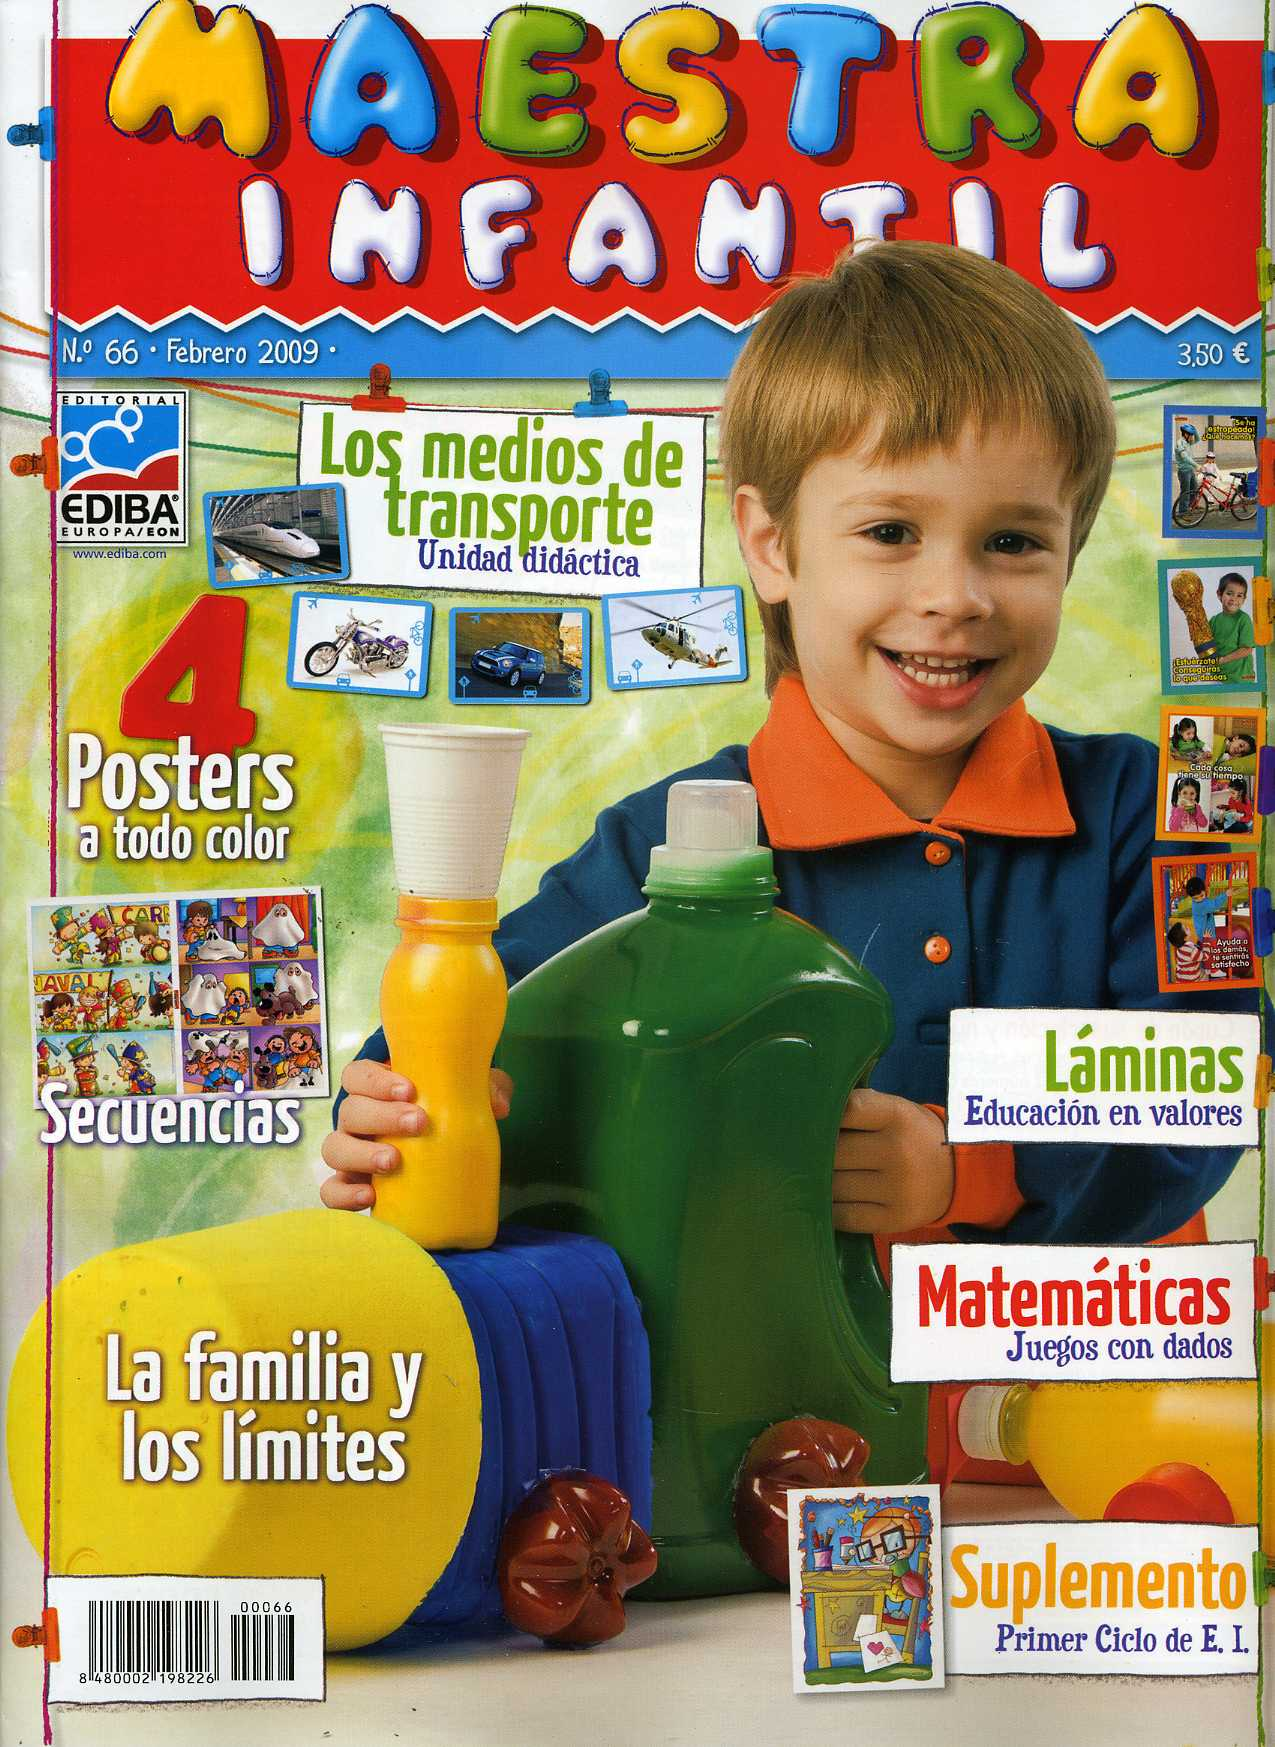 MAESTRA INFANTIL, 66 (Febrero de 2009)